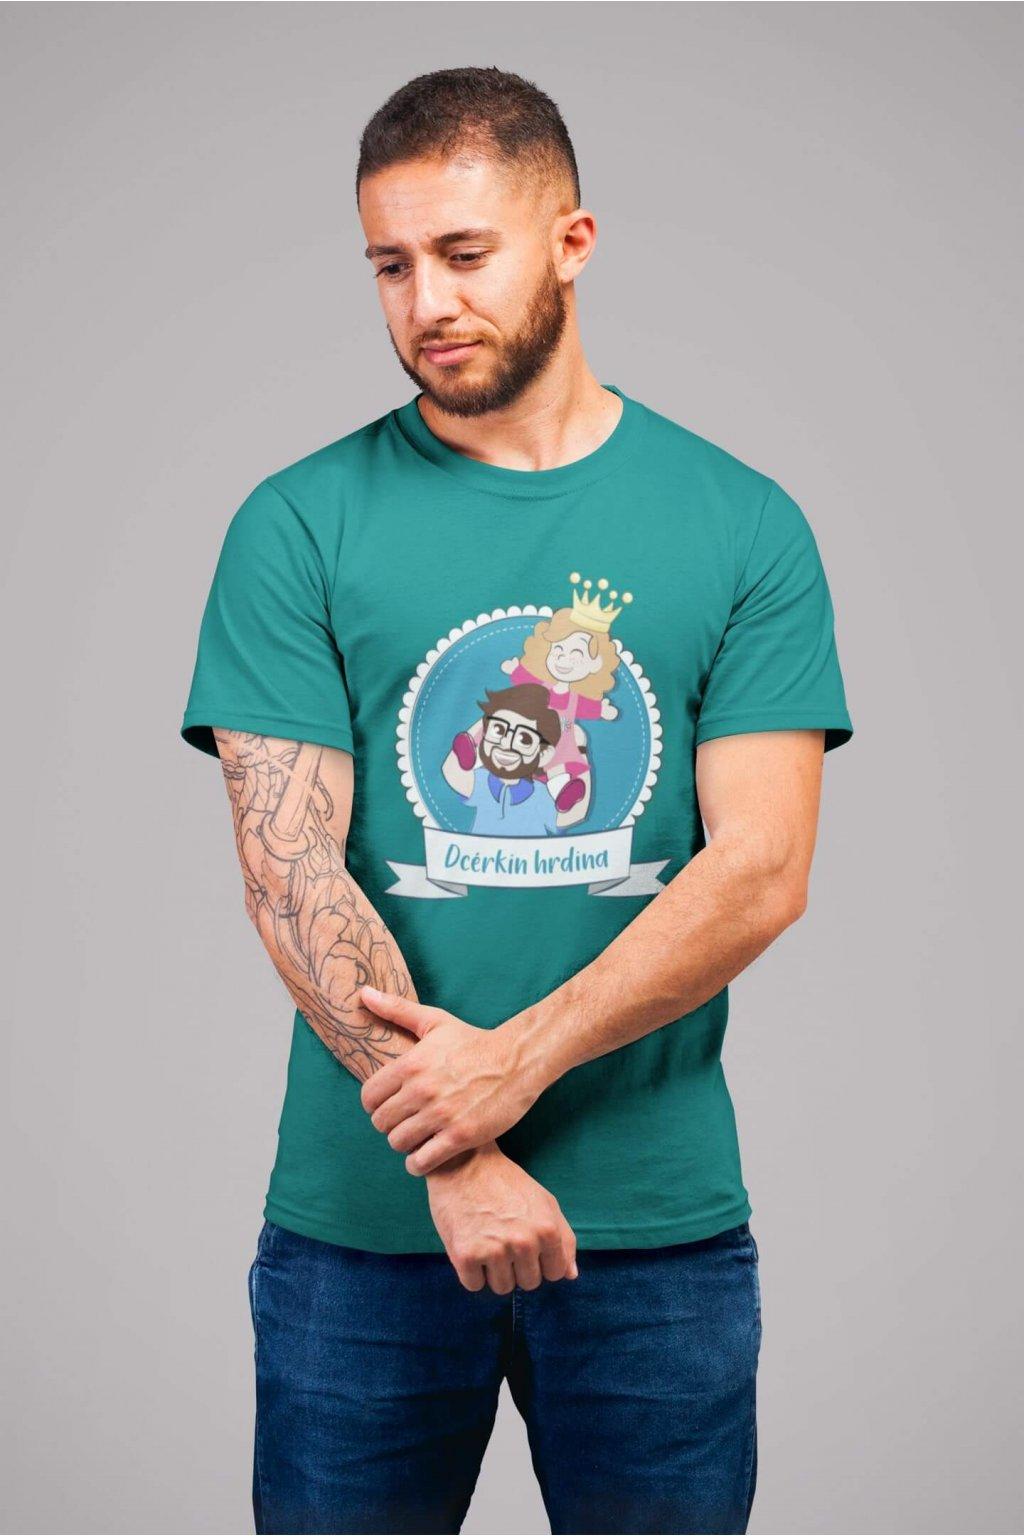 Tričko pre otca Dcérkin hrdina